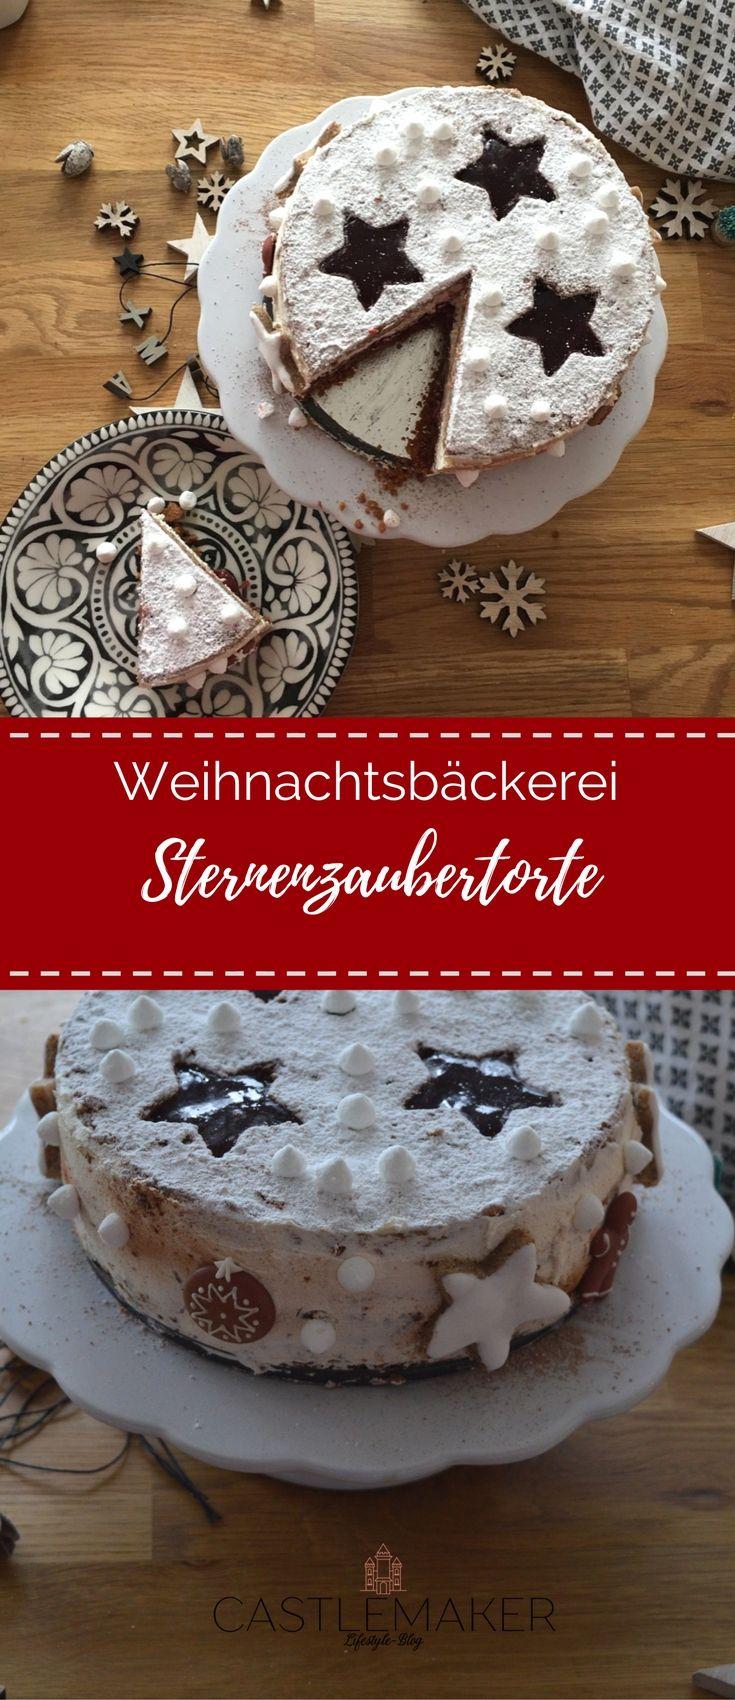 Diese schöne Torte schmeckt nicht nur zu Weihnachten, aber ist gerade dann etwas ganz Besonderes. Ein Spekulatiusboden, sowie Wiener Boden mit Lebkuchengeschmack, gefüllt mit Kirschpudding sowie einer köstlichen Mascarponecreme ist sie einfach nur lecker. Wie ich sie genau gemacht habe, erzähle ich auf dem Blog: #weihnachtstorte #rezept #weihnachten #torte